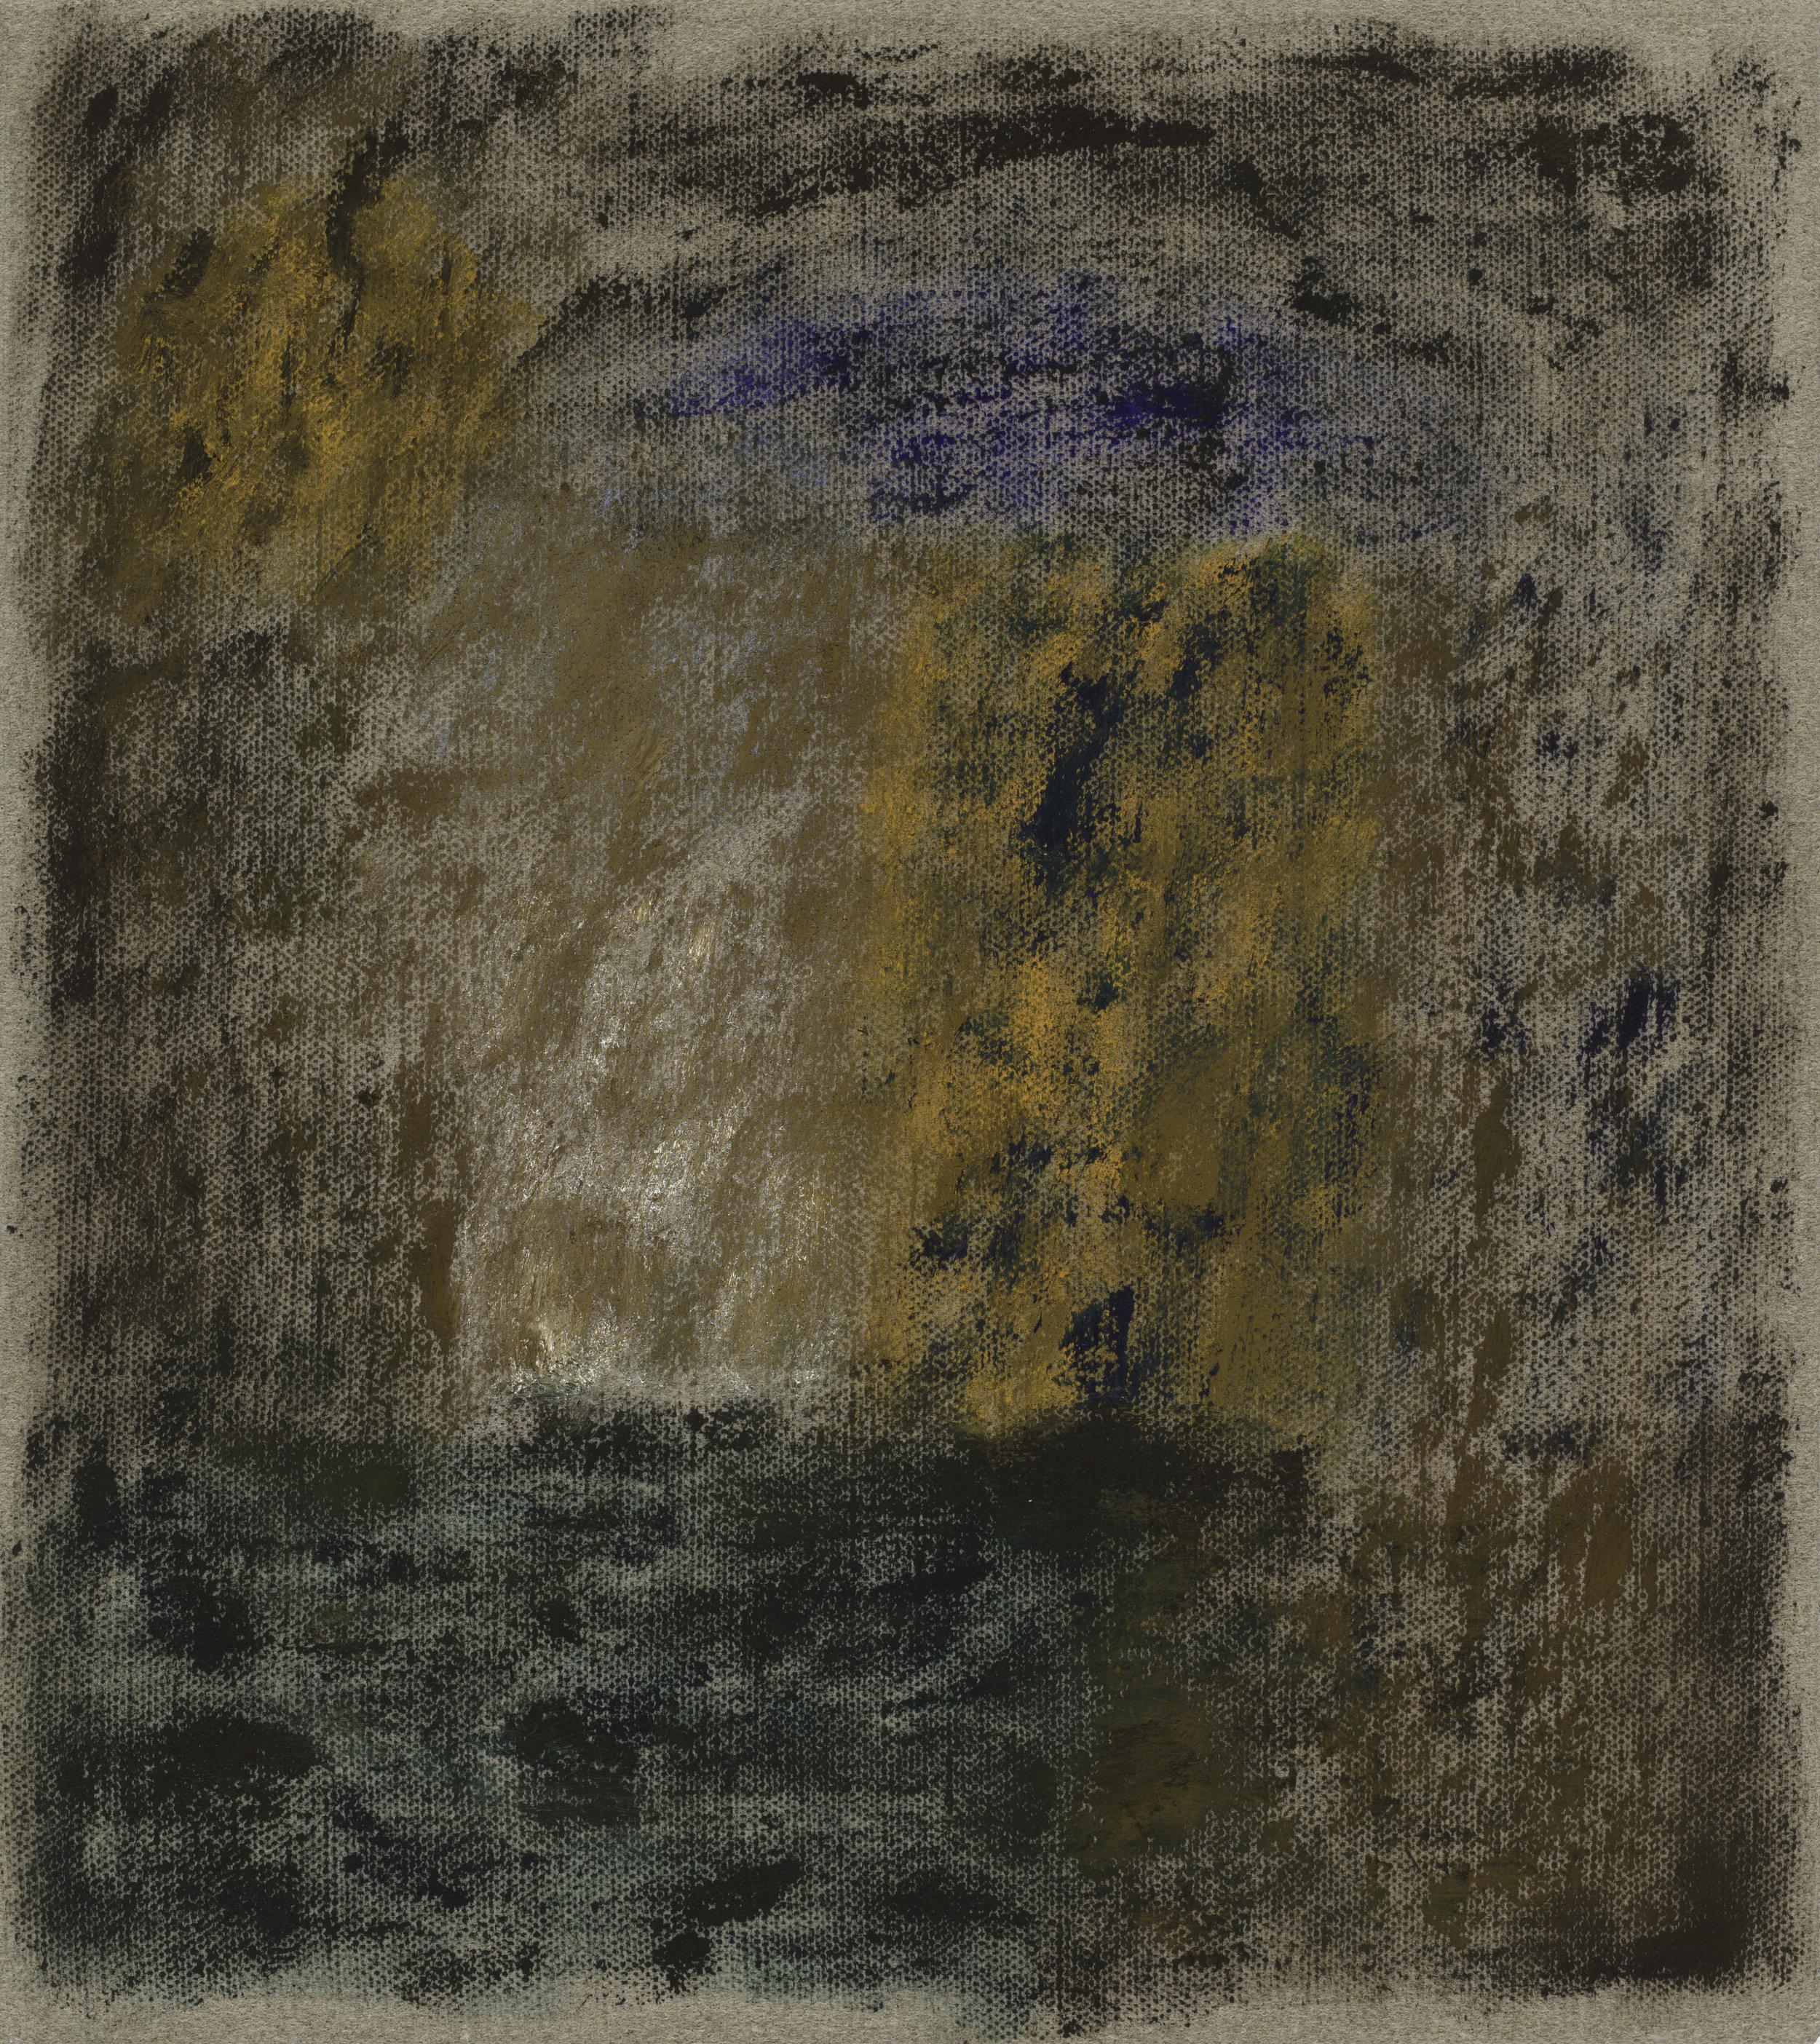 After L'Été 7. Oil on Linen, 46 x 41cm, 2019.